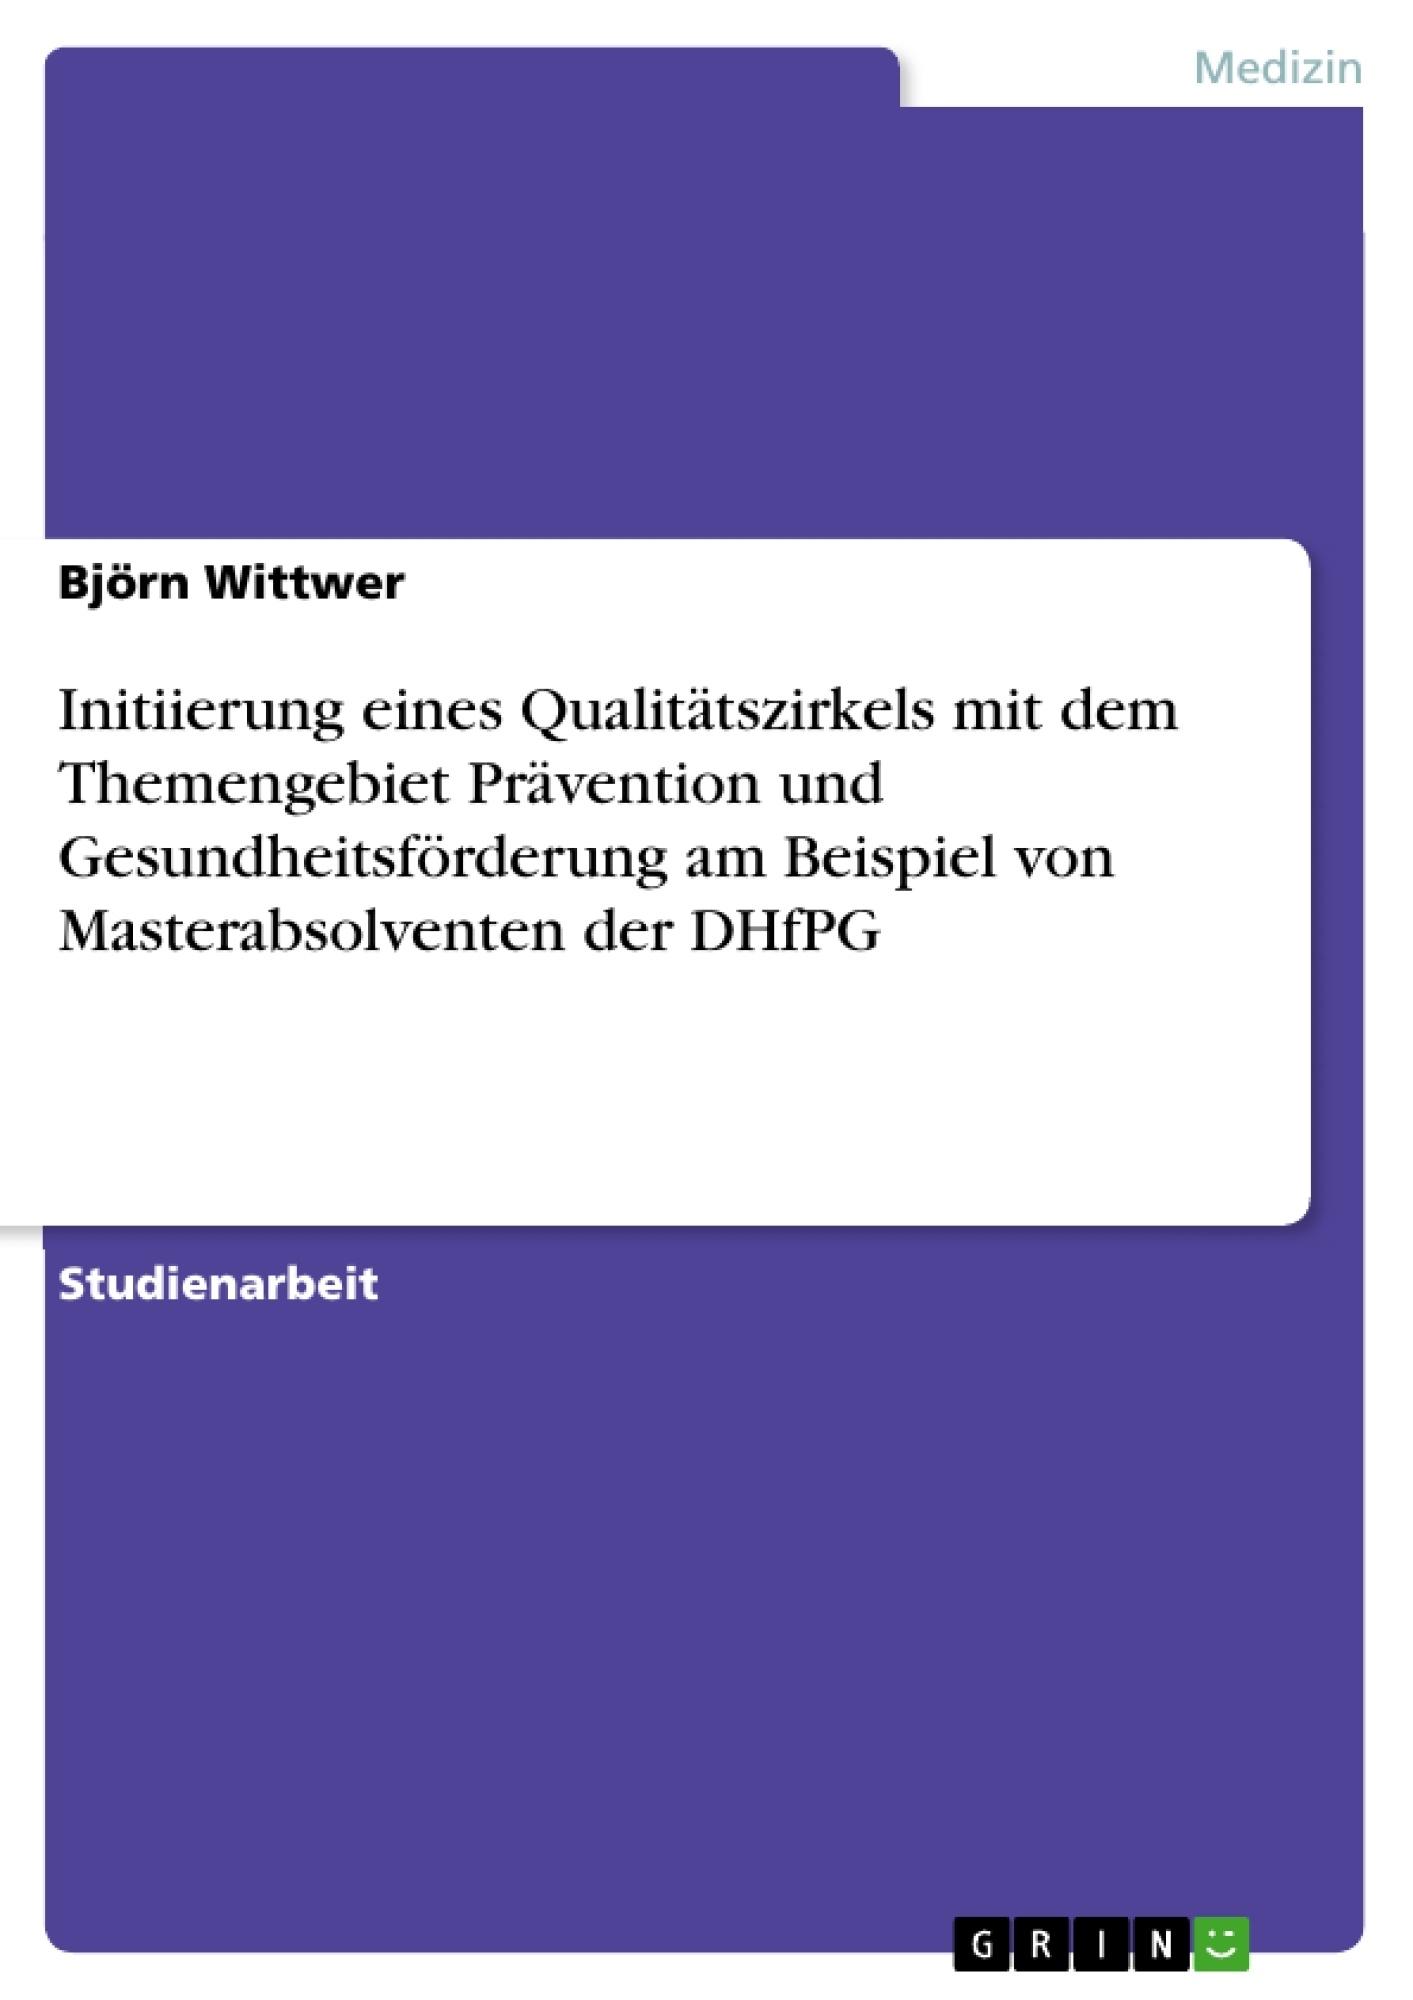 Titel: Initiierung eines Qualitätszirkels mit dem Themengebiet Prävention und Gesundheitsförderung am Beispiel von Masterabsolventen der DHfPG